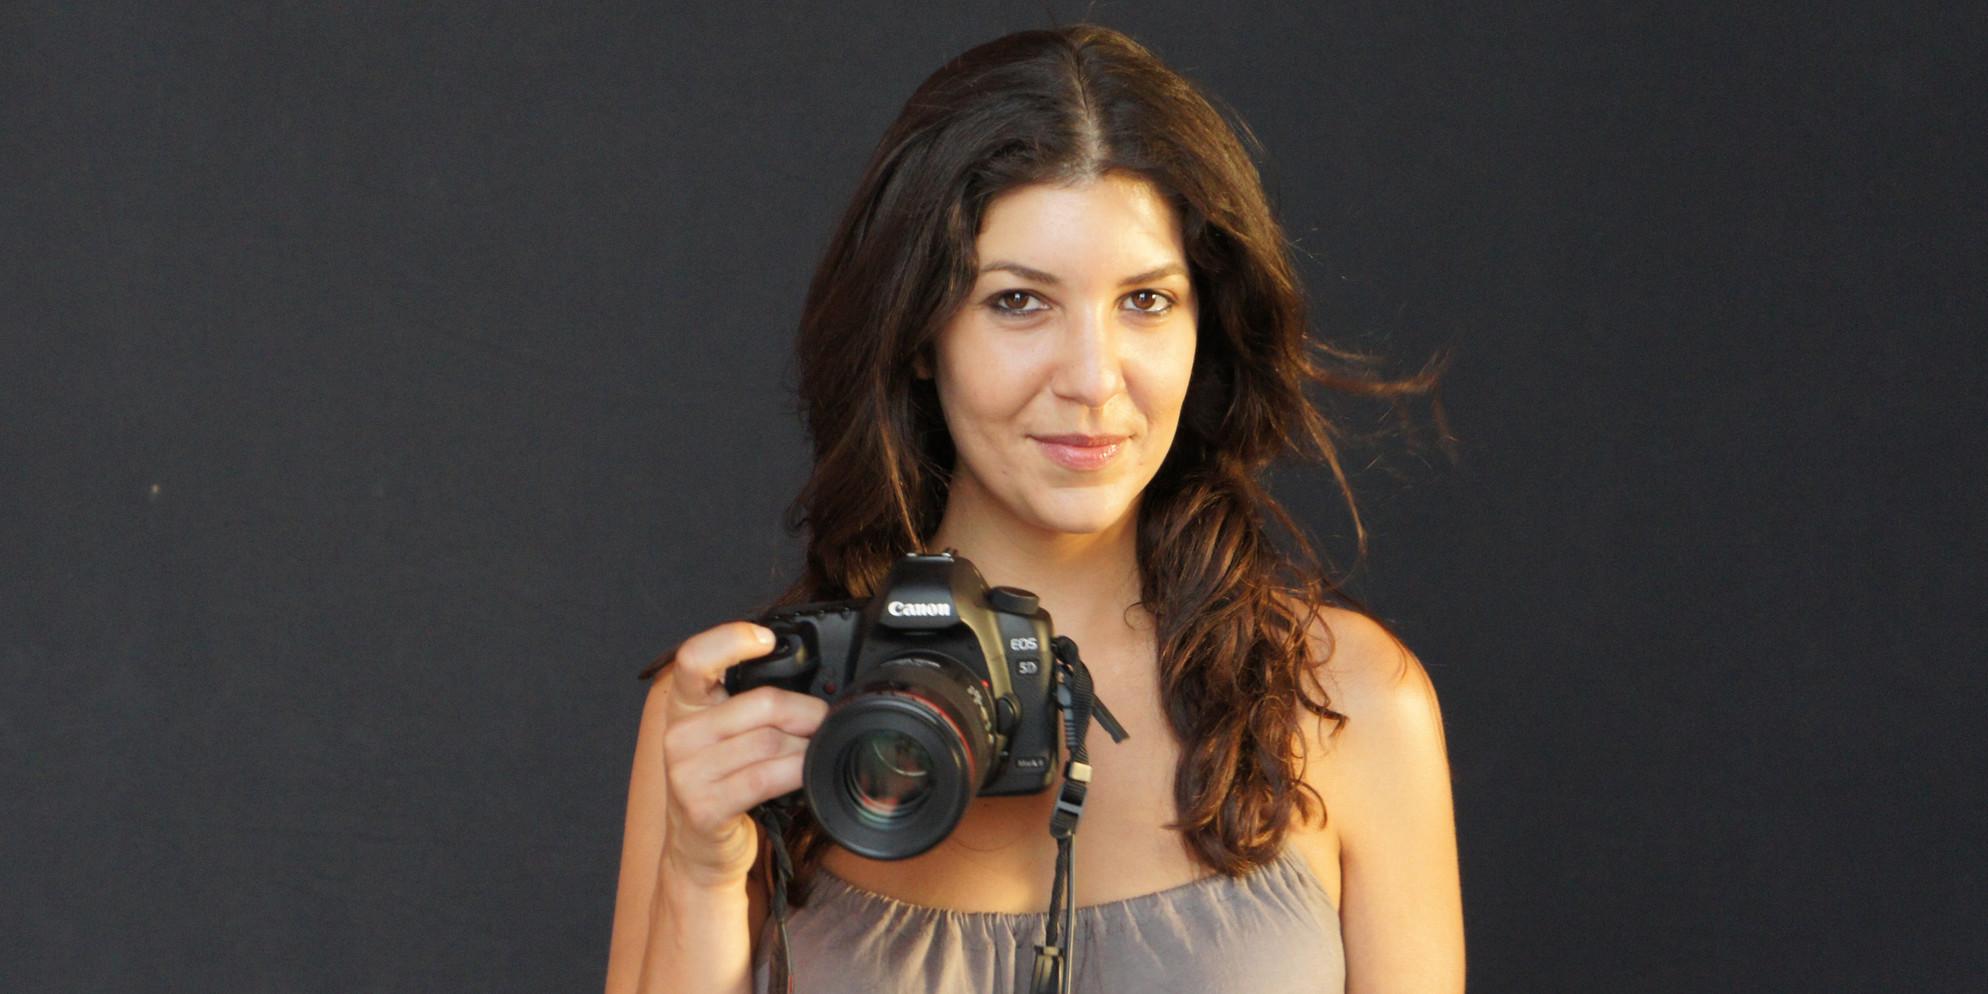 La Fondation et le Prix de photographie Leila Alaoui voient le jour à Marrakech